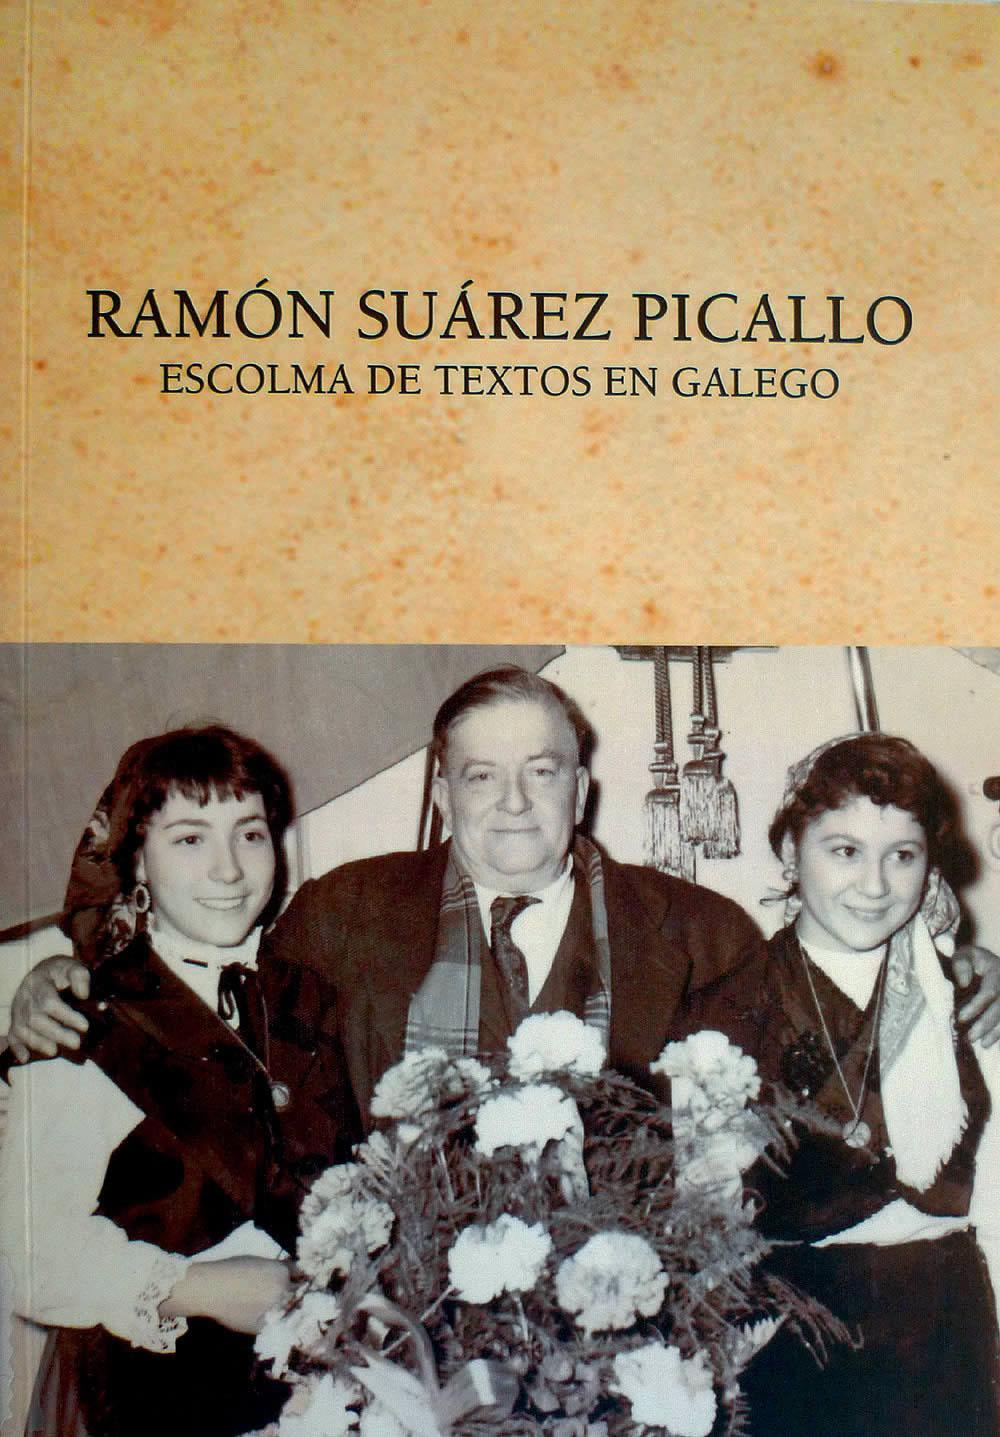 Portada de  Ramón Suárez Picallo. Escolma de textos en galego